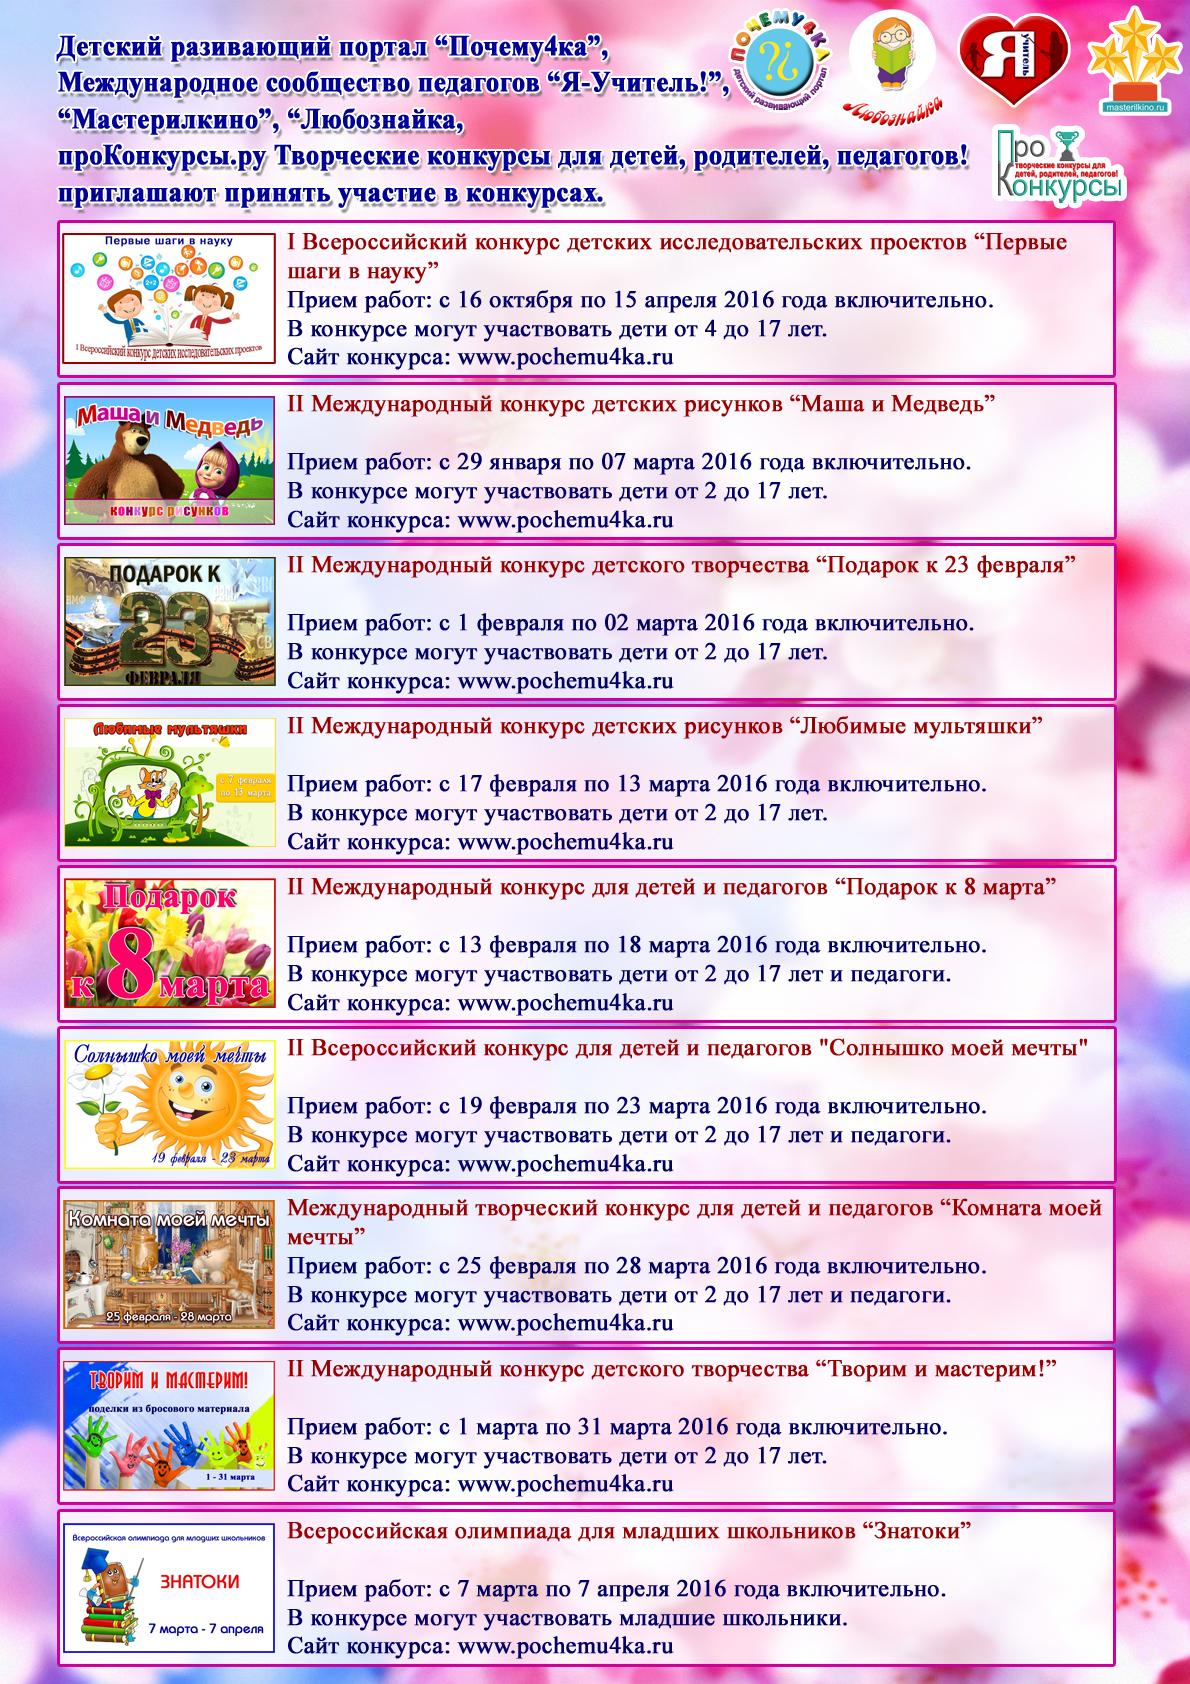 Конкурсы для детей и учителей 2015-2016